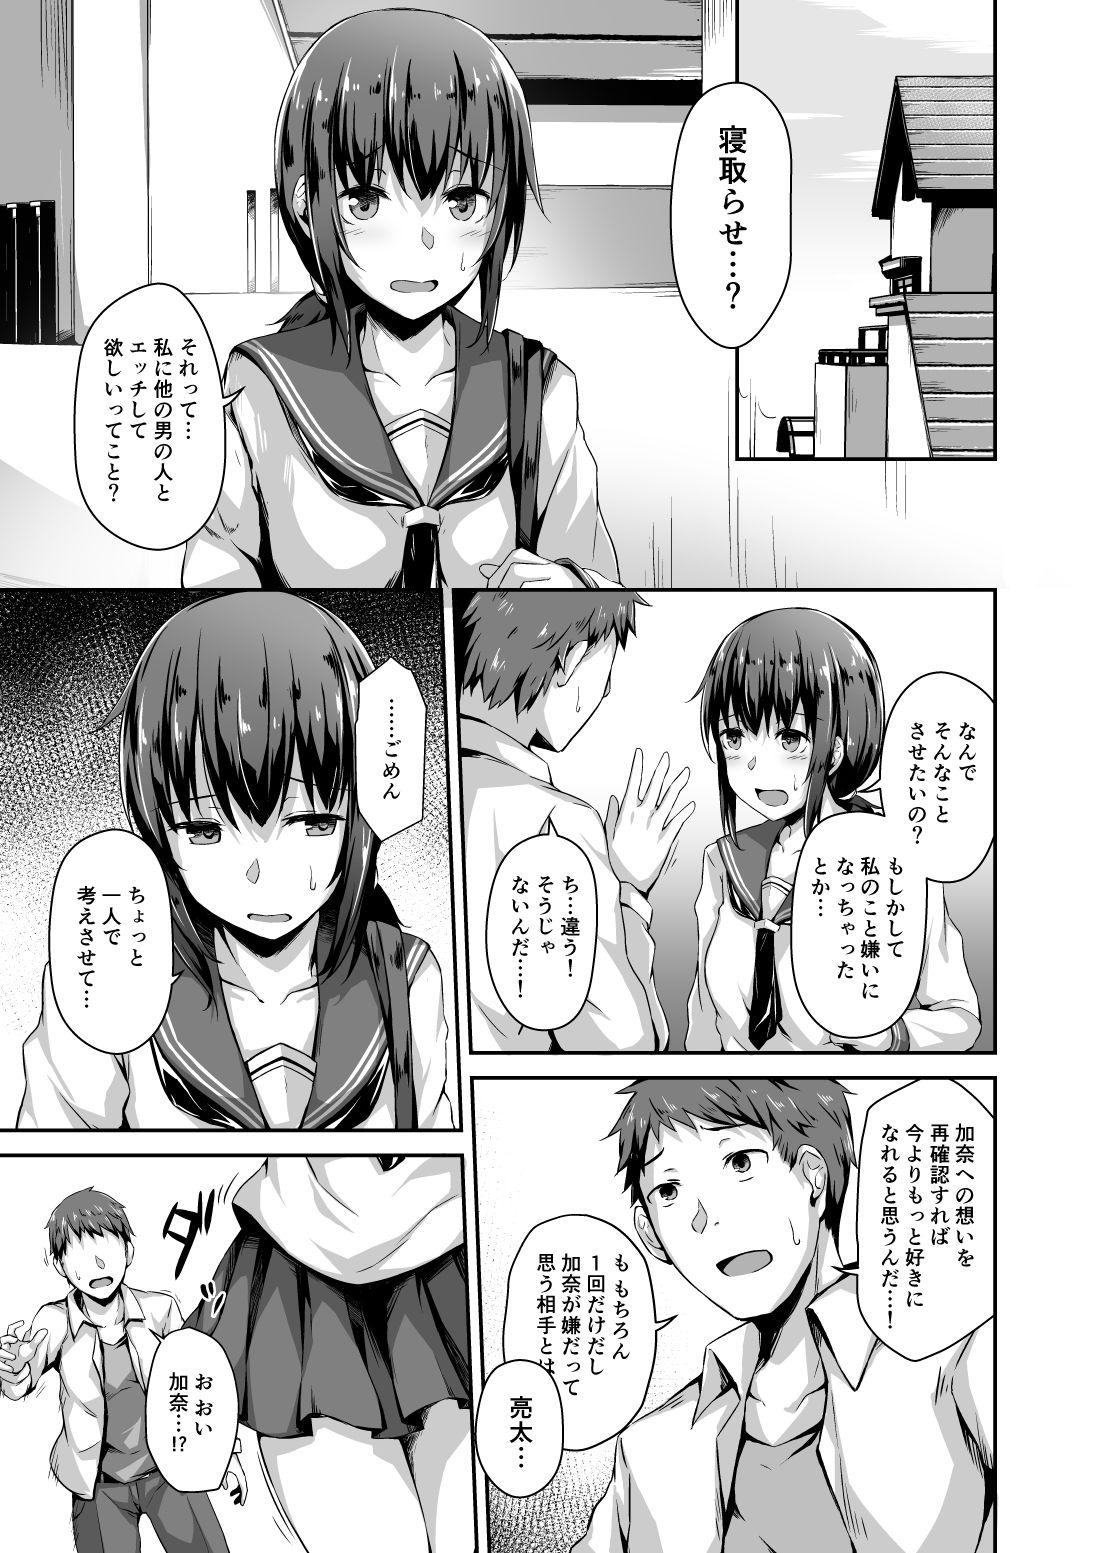 「NeuTRal Actor」 マンネリから加奈に寝取らせプレイを持ちかける亮太。